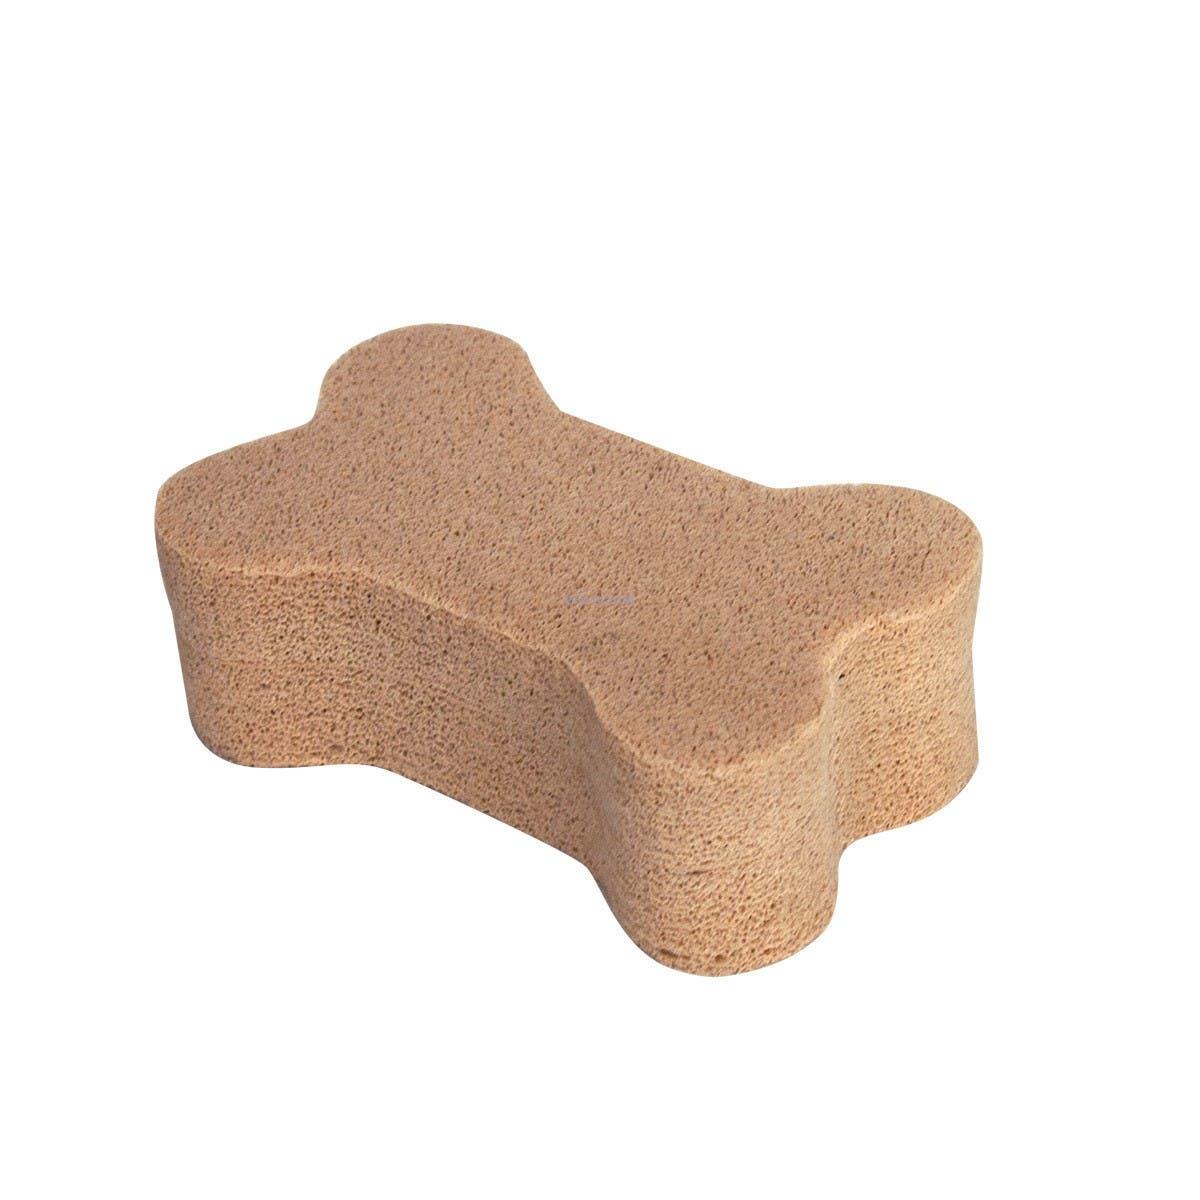 Casabella No Bones About It Sponge